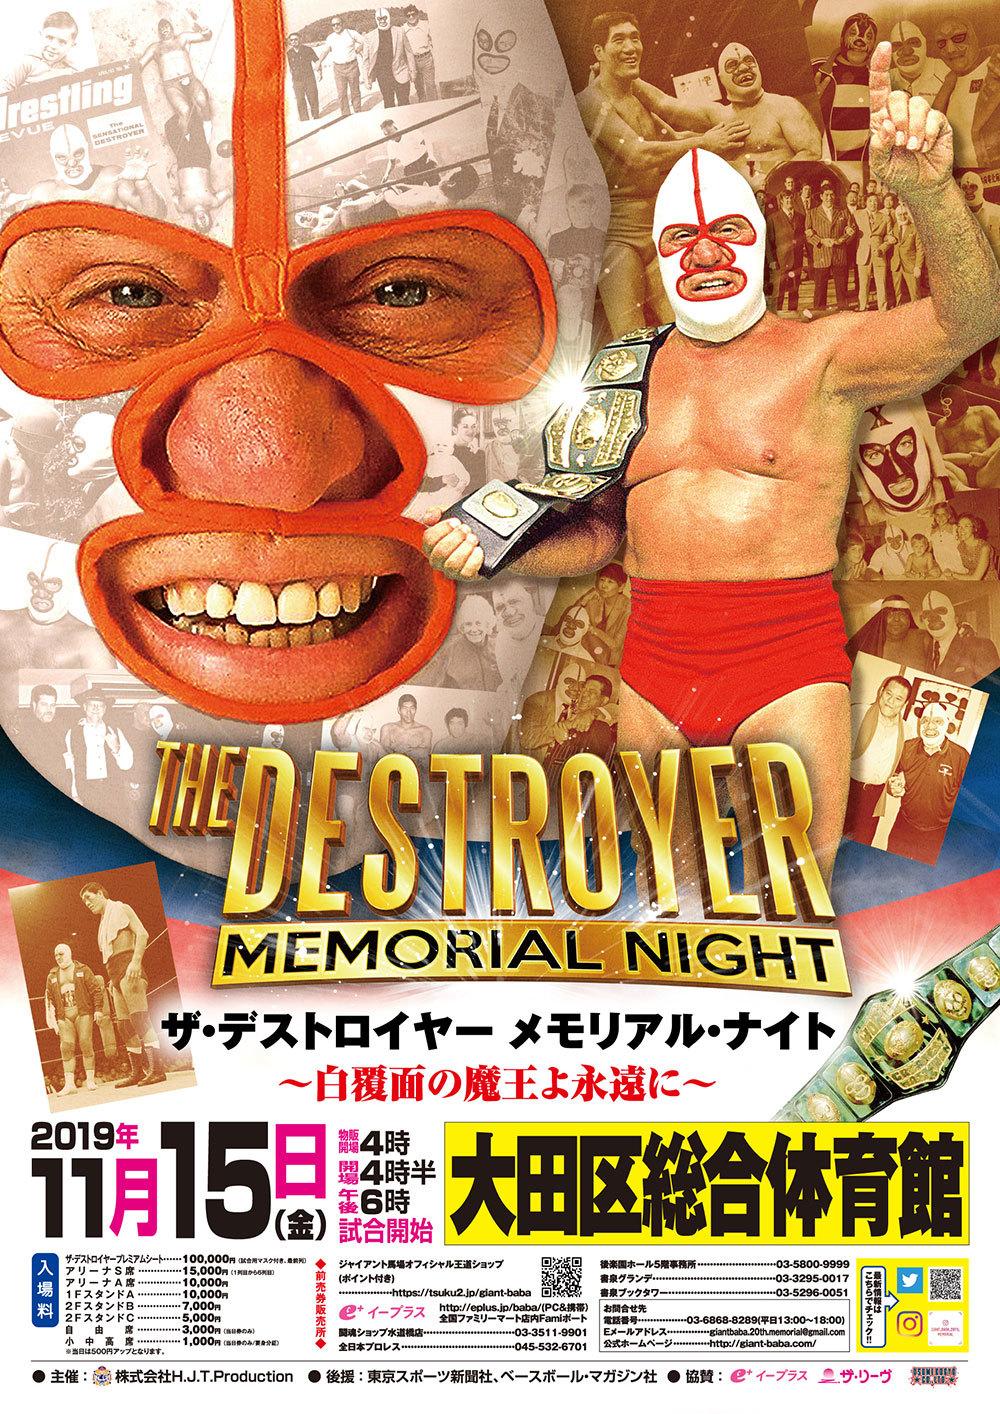 『ザ・デストロイヤー メモリアル・ナイト~白覆面の魔王よ永遠に~』は11月15日(金)開催